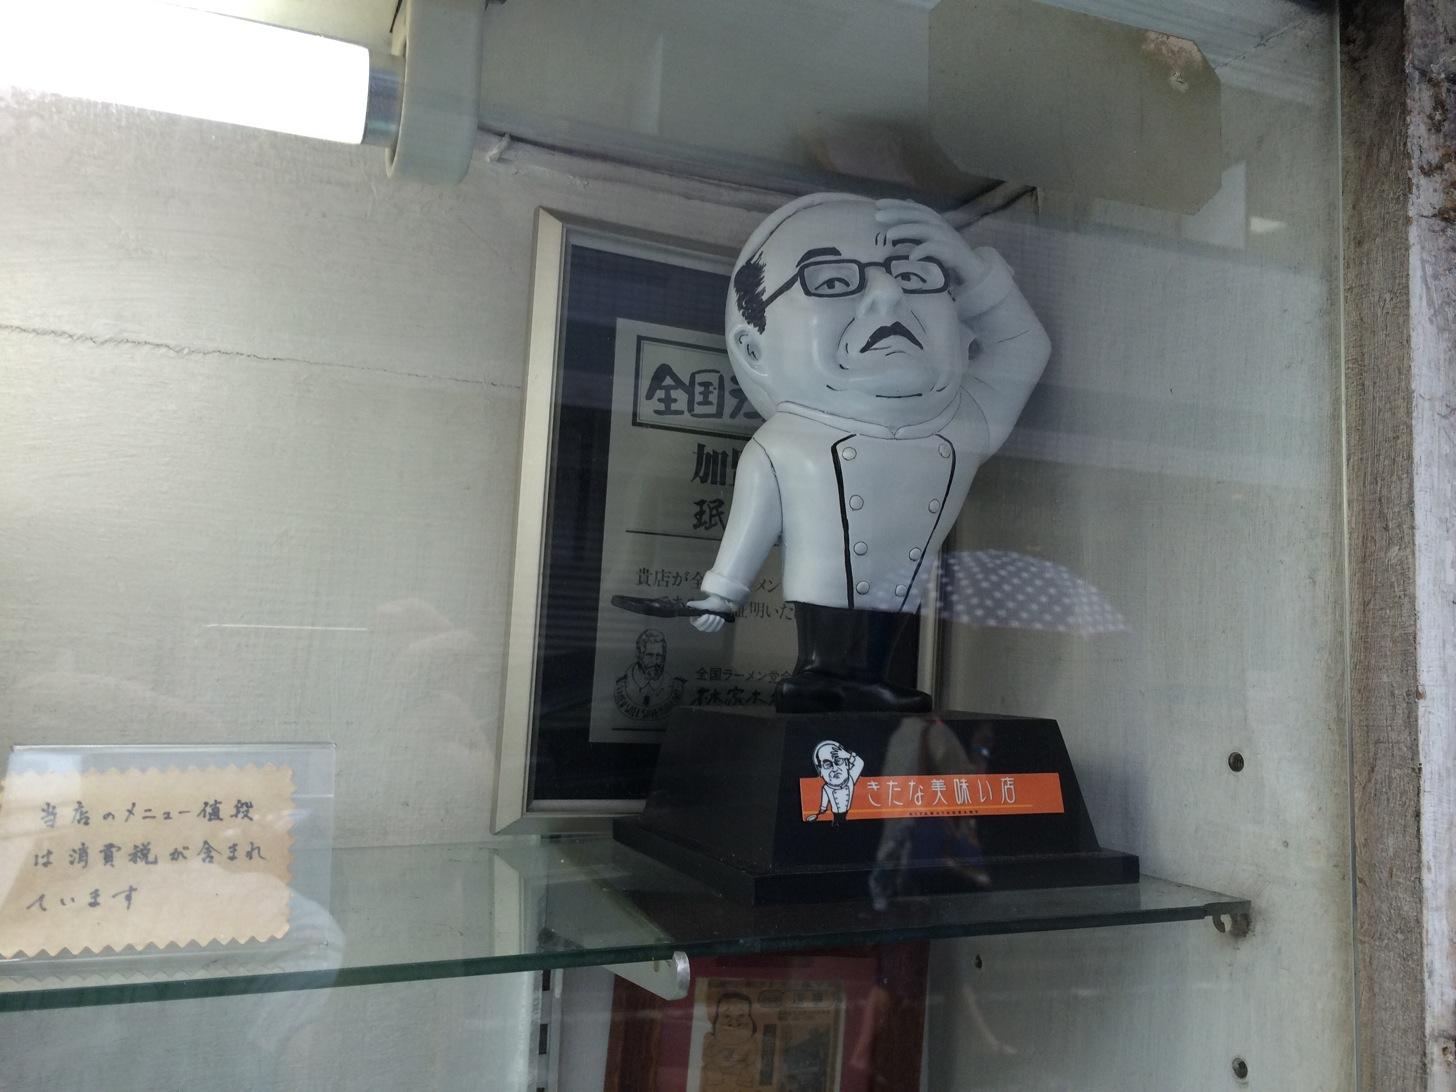 きたな美味い店(ダーイシ)